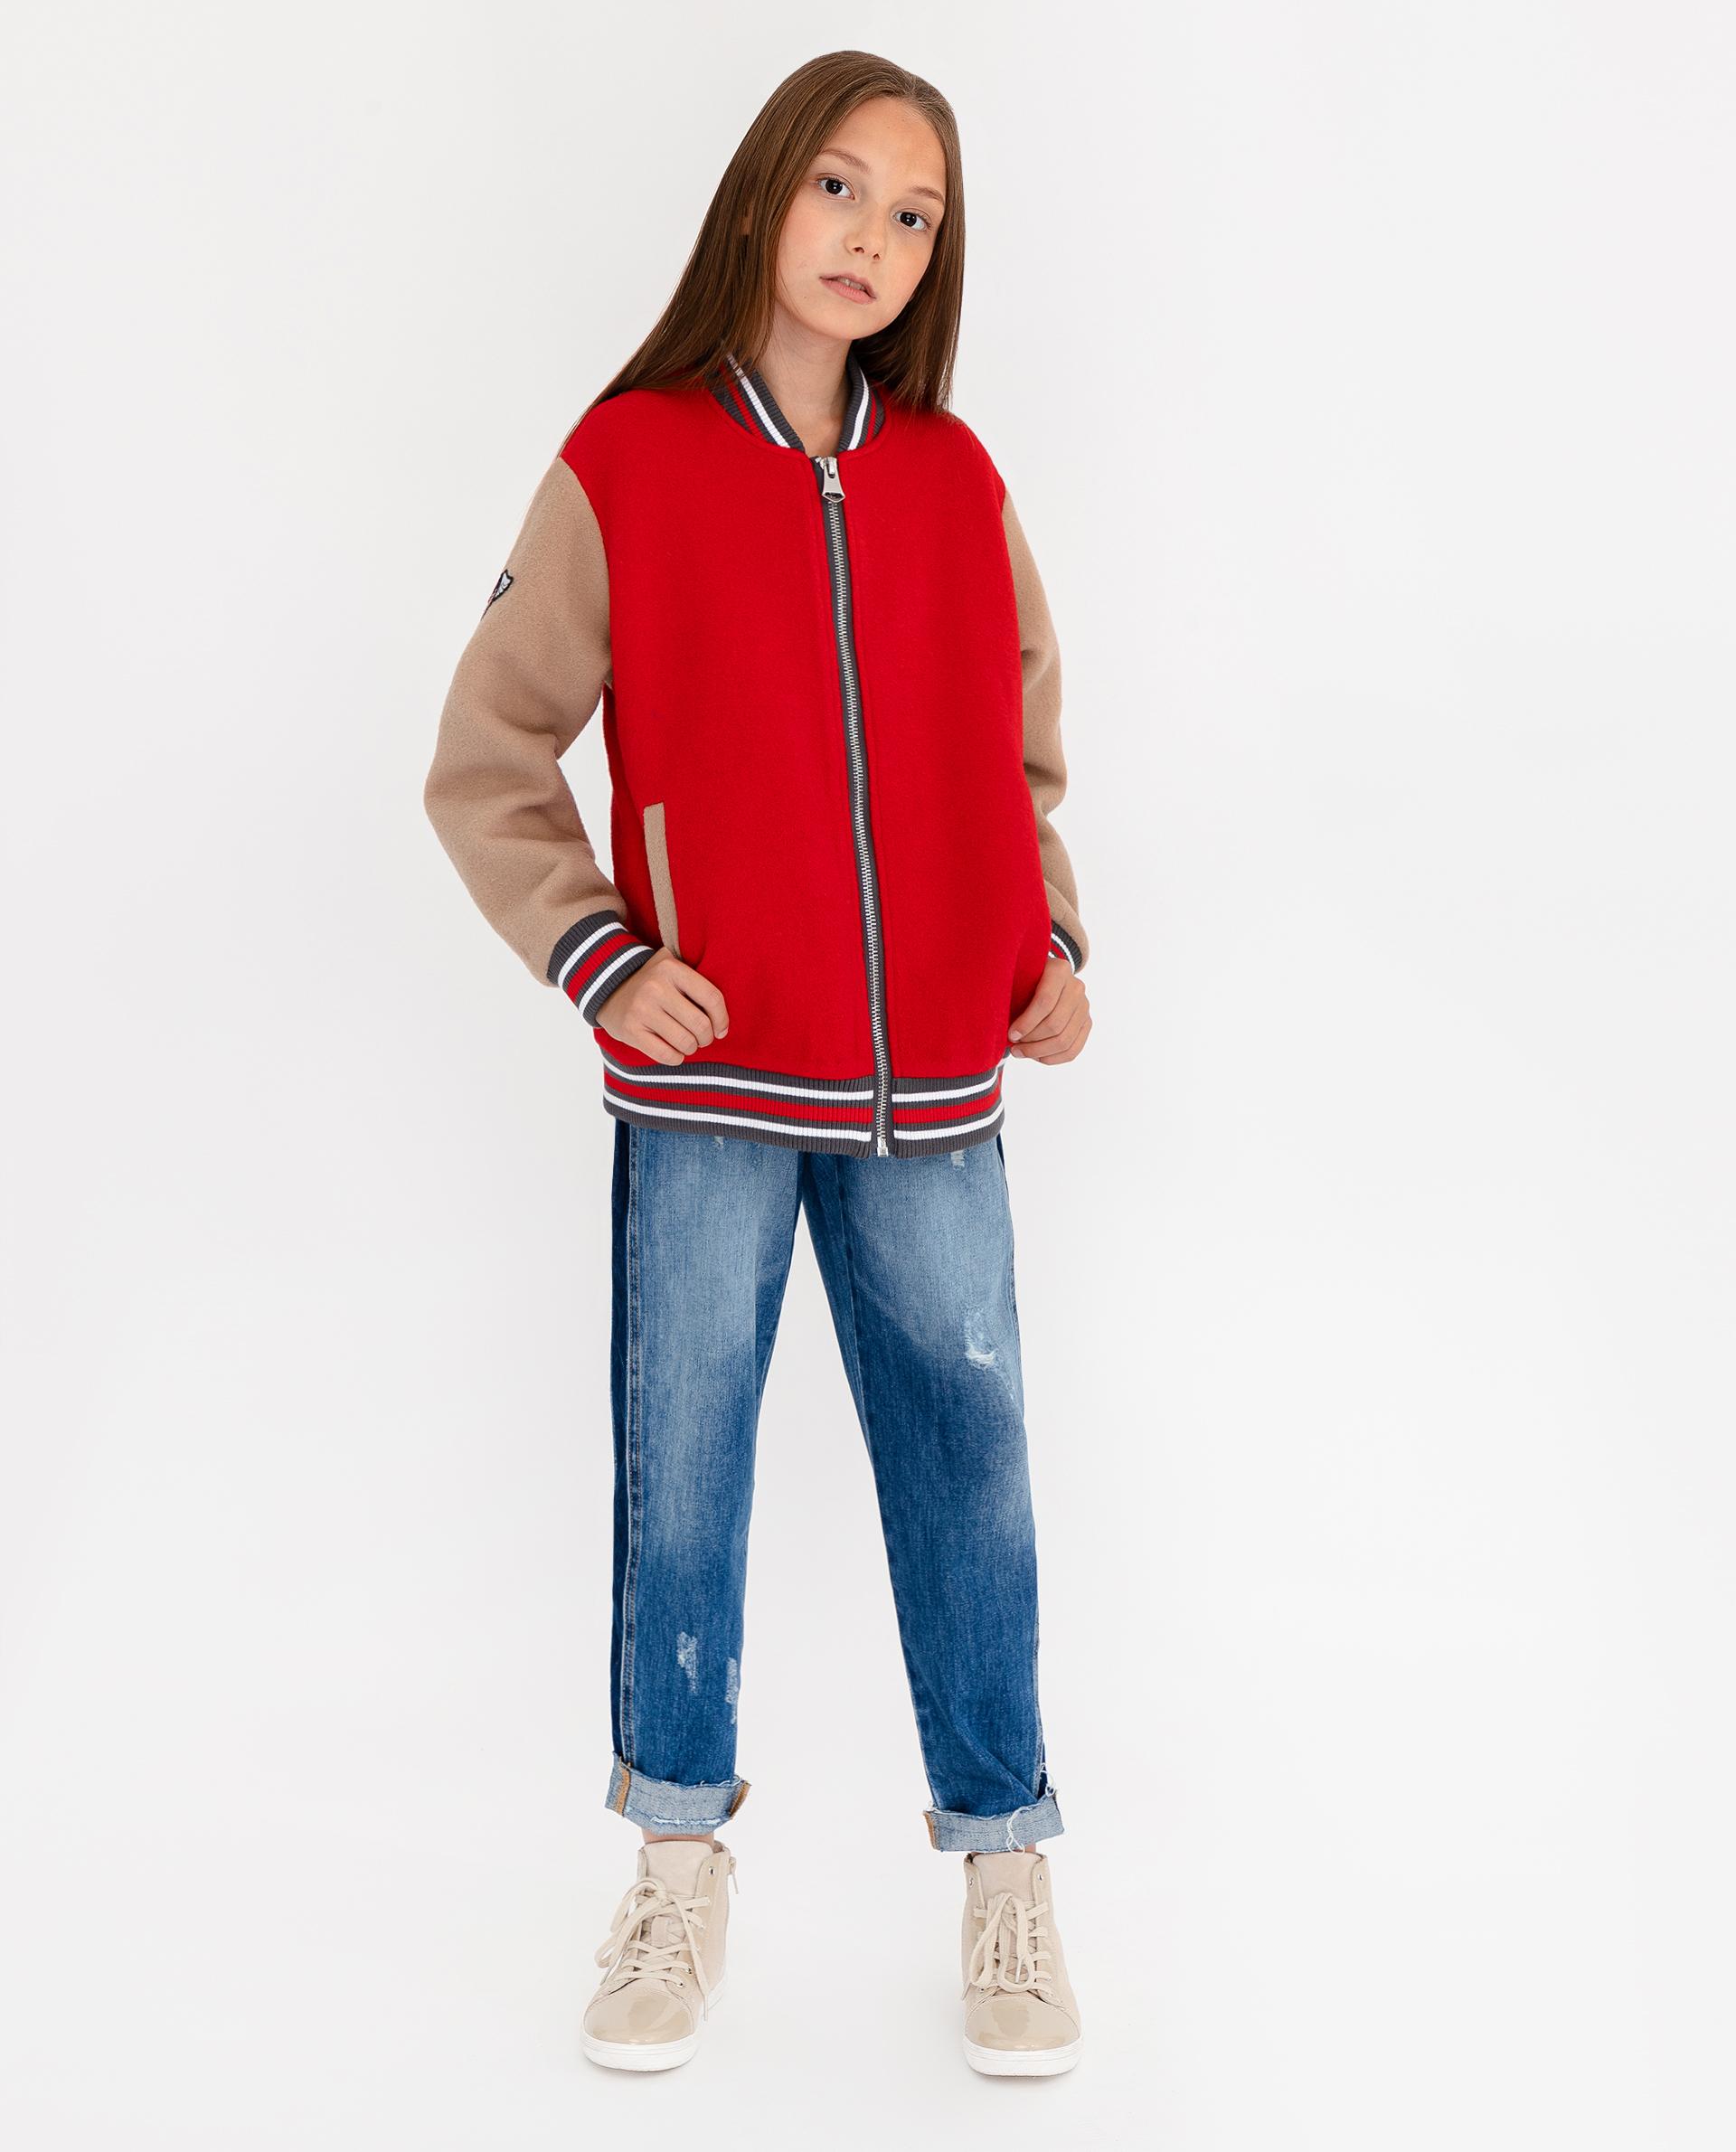 Куртка для девочек Gulliver, цв. красный, р.134 12008GJC4005